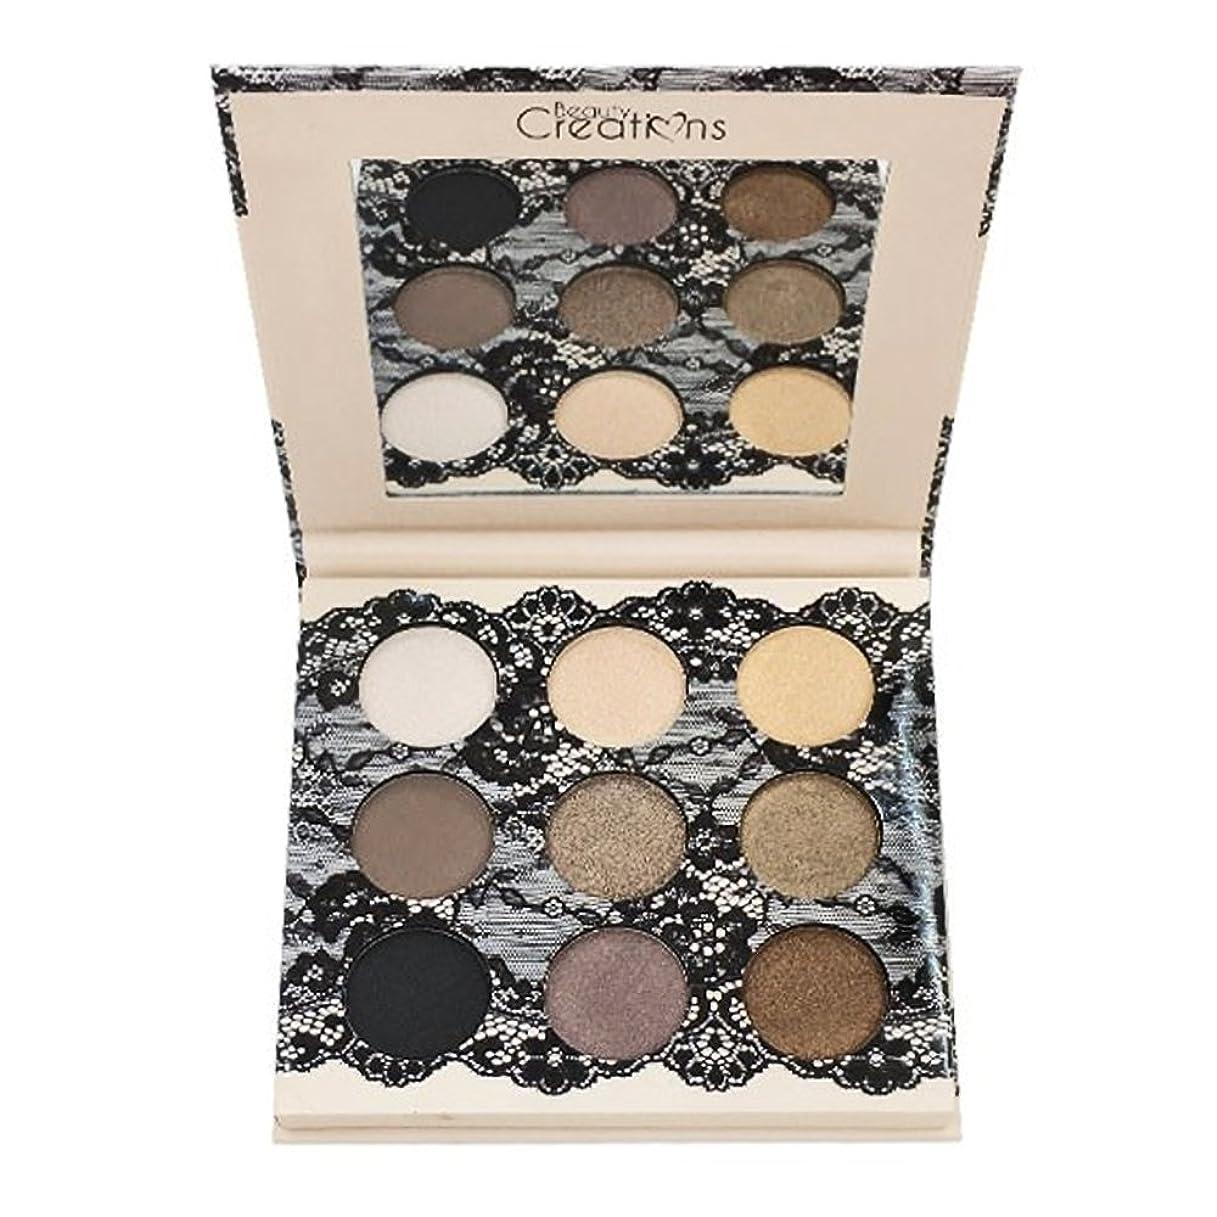 剃る魚煙(6 Pack) BEAUTY CREATIONS Boudoir Shadows 9 Shades Eyeshadow Palette - B (並行輸入品)